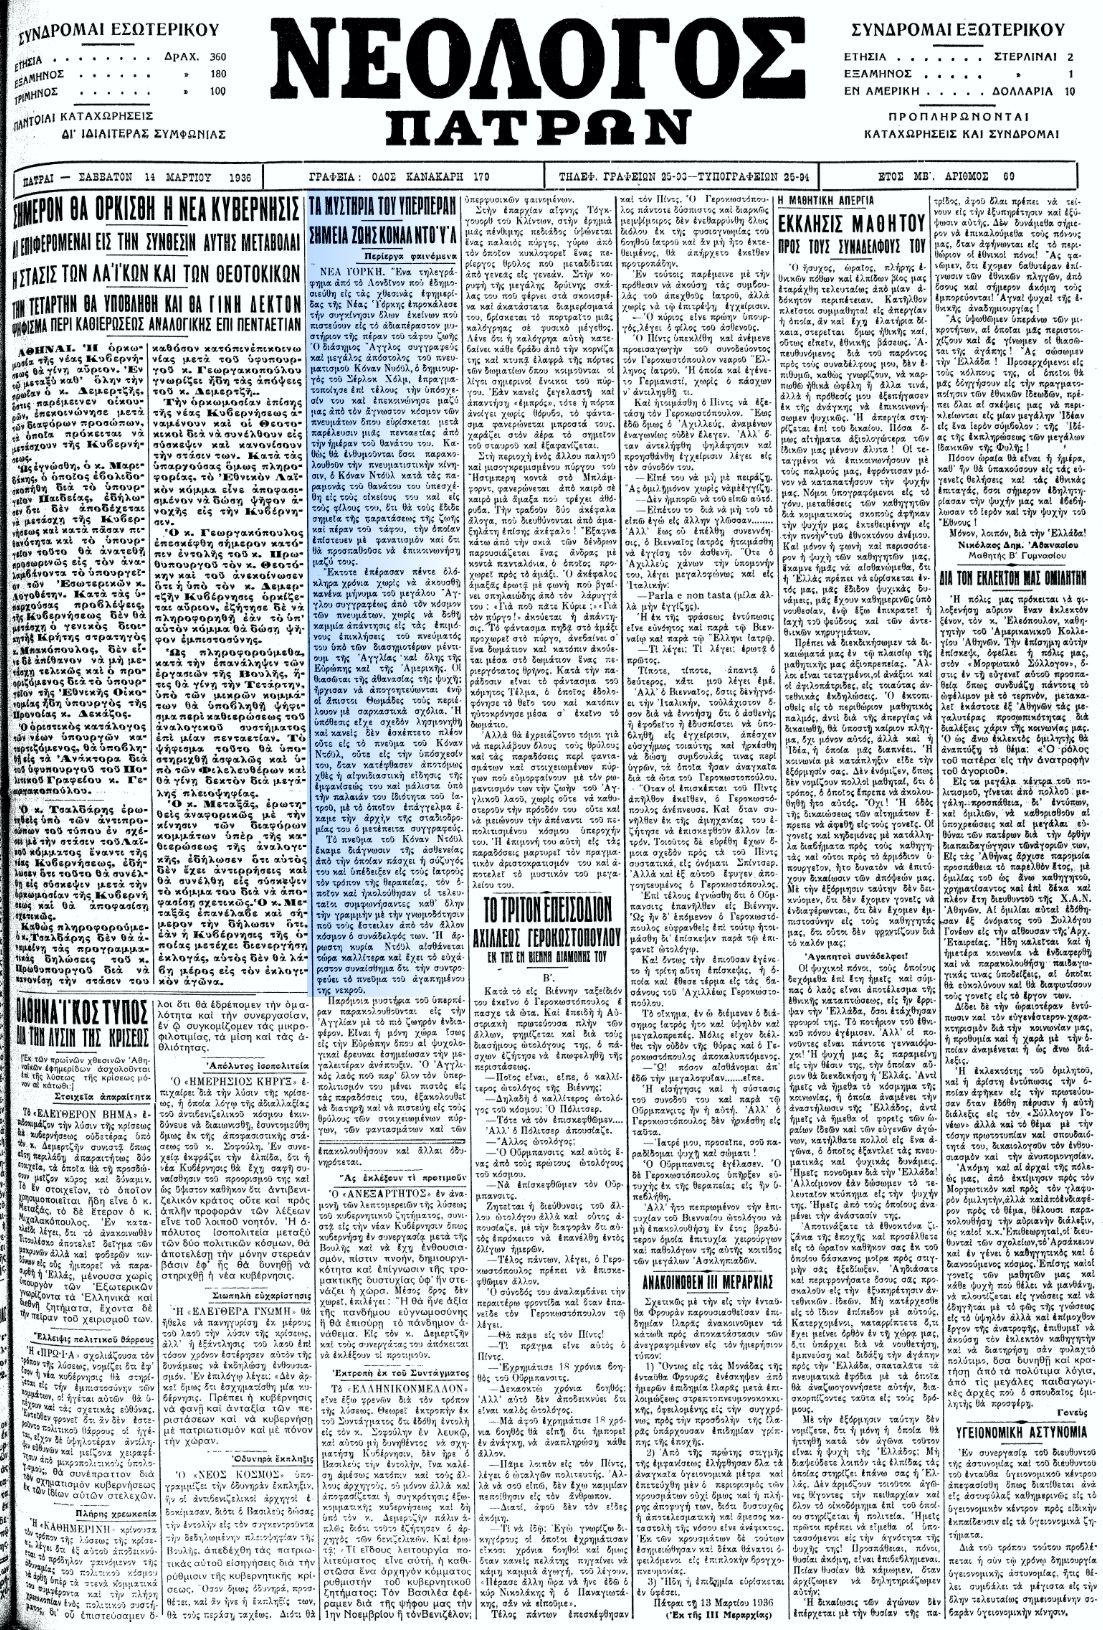 """Το άρθρο, όπως δημοσιεύθηκε στην εφημερίδα """"ΝΕΟΛΟΓΟΣ ΠΑΤΡΩΝ"""", στις 14/03/1936"""